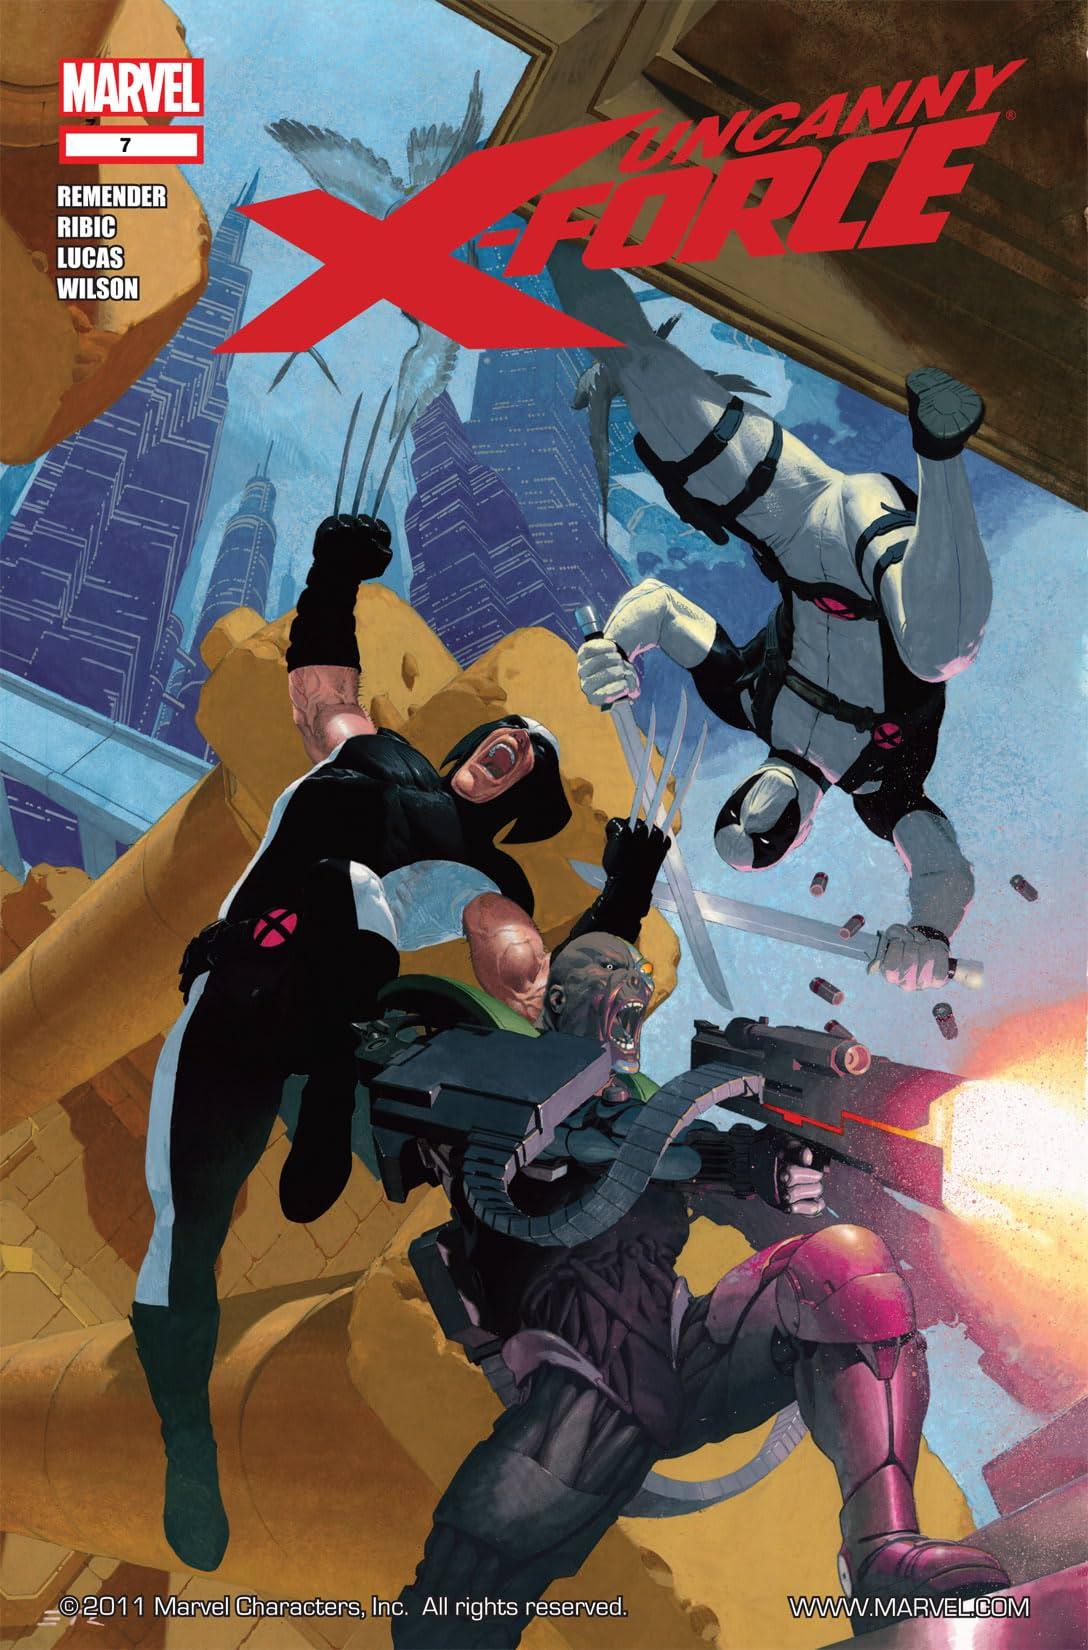 Uncanny X-Force (2010-2012) #7